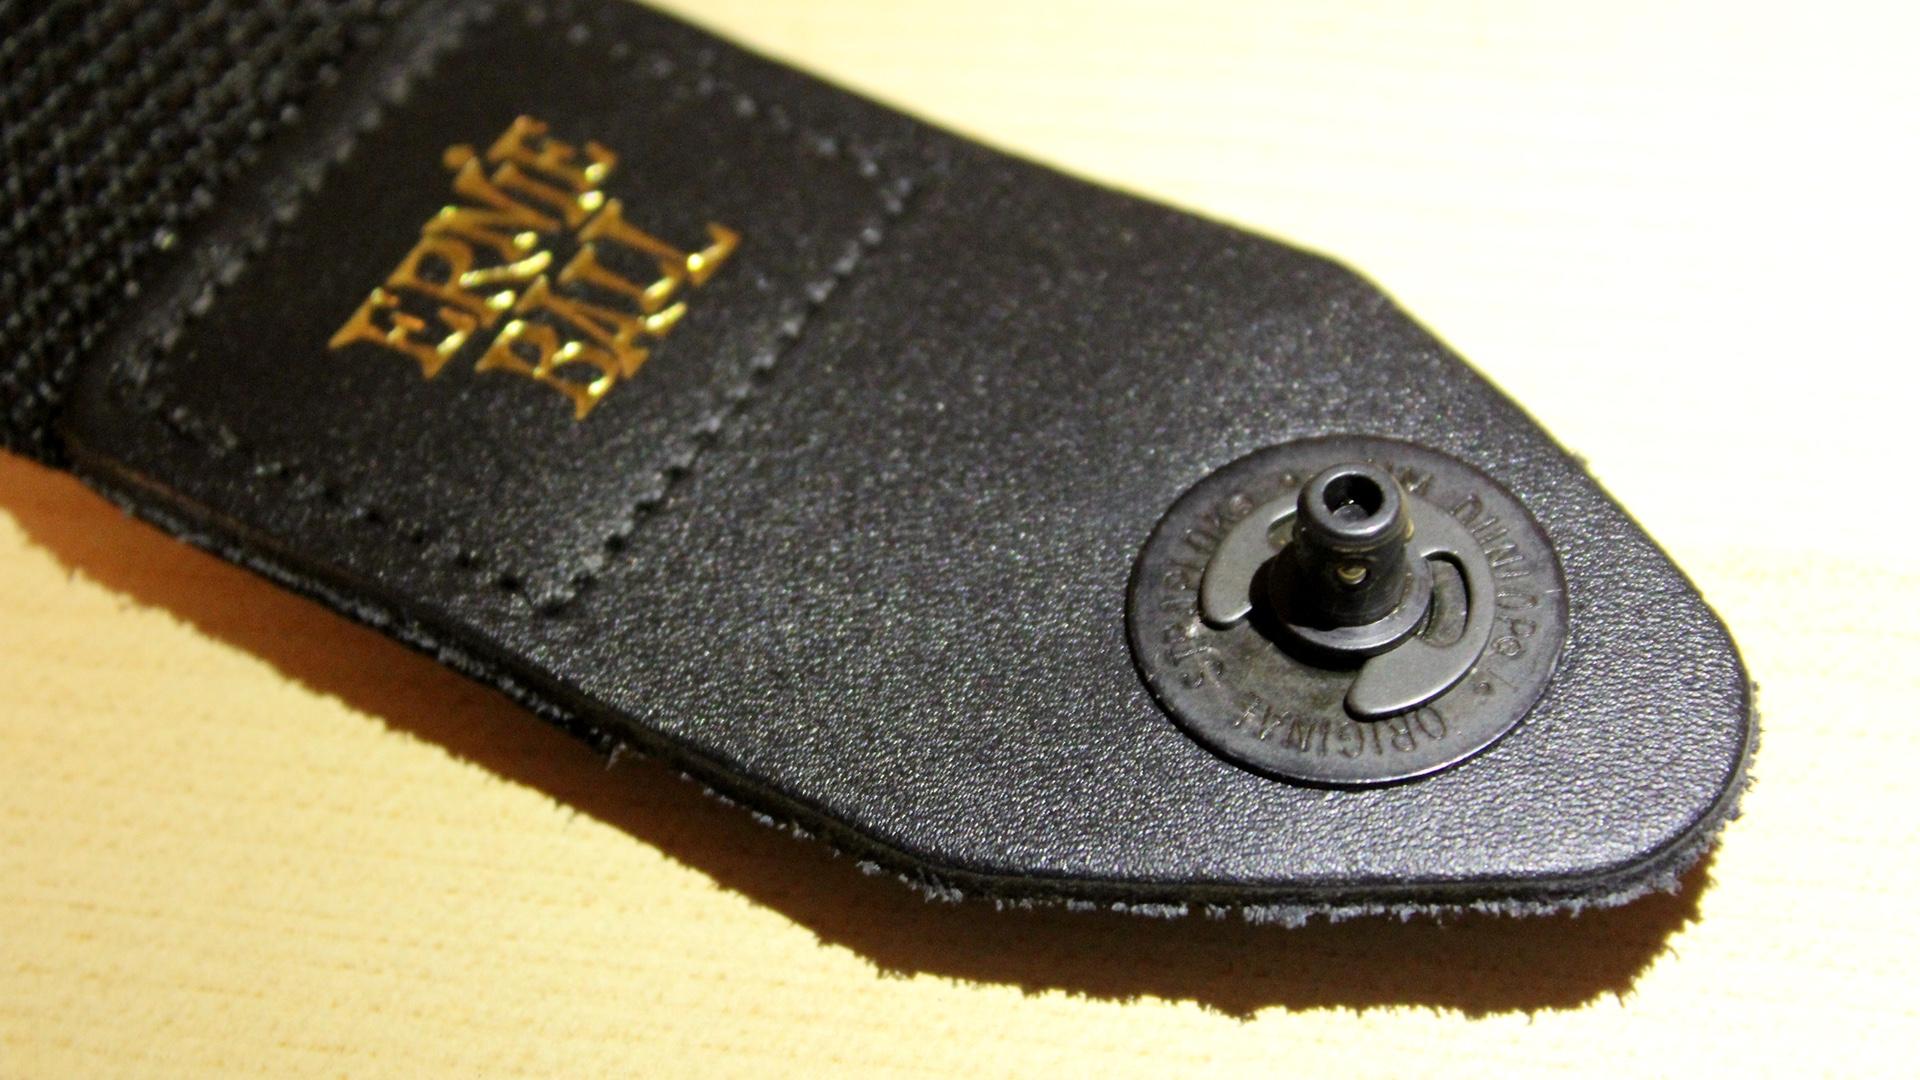 Straplok on Ernie Ball Strap with retainer clip